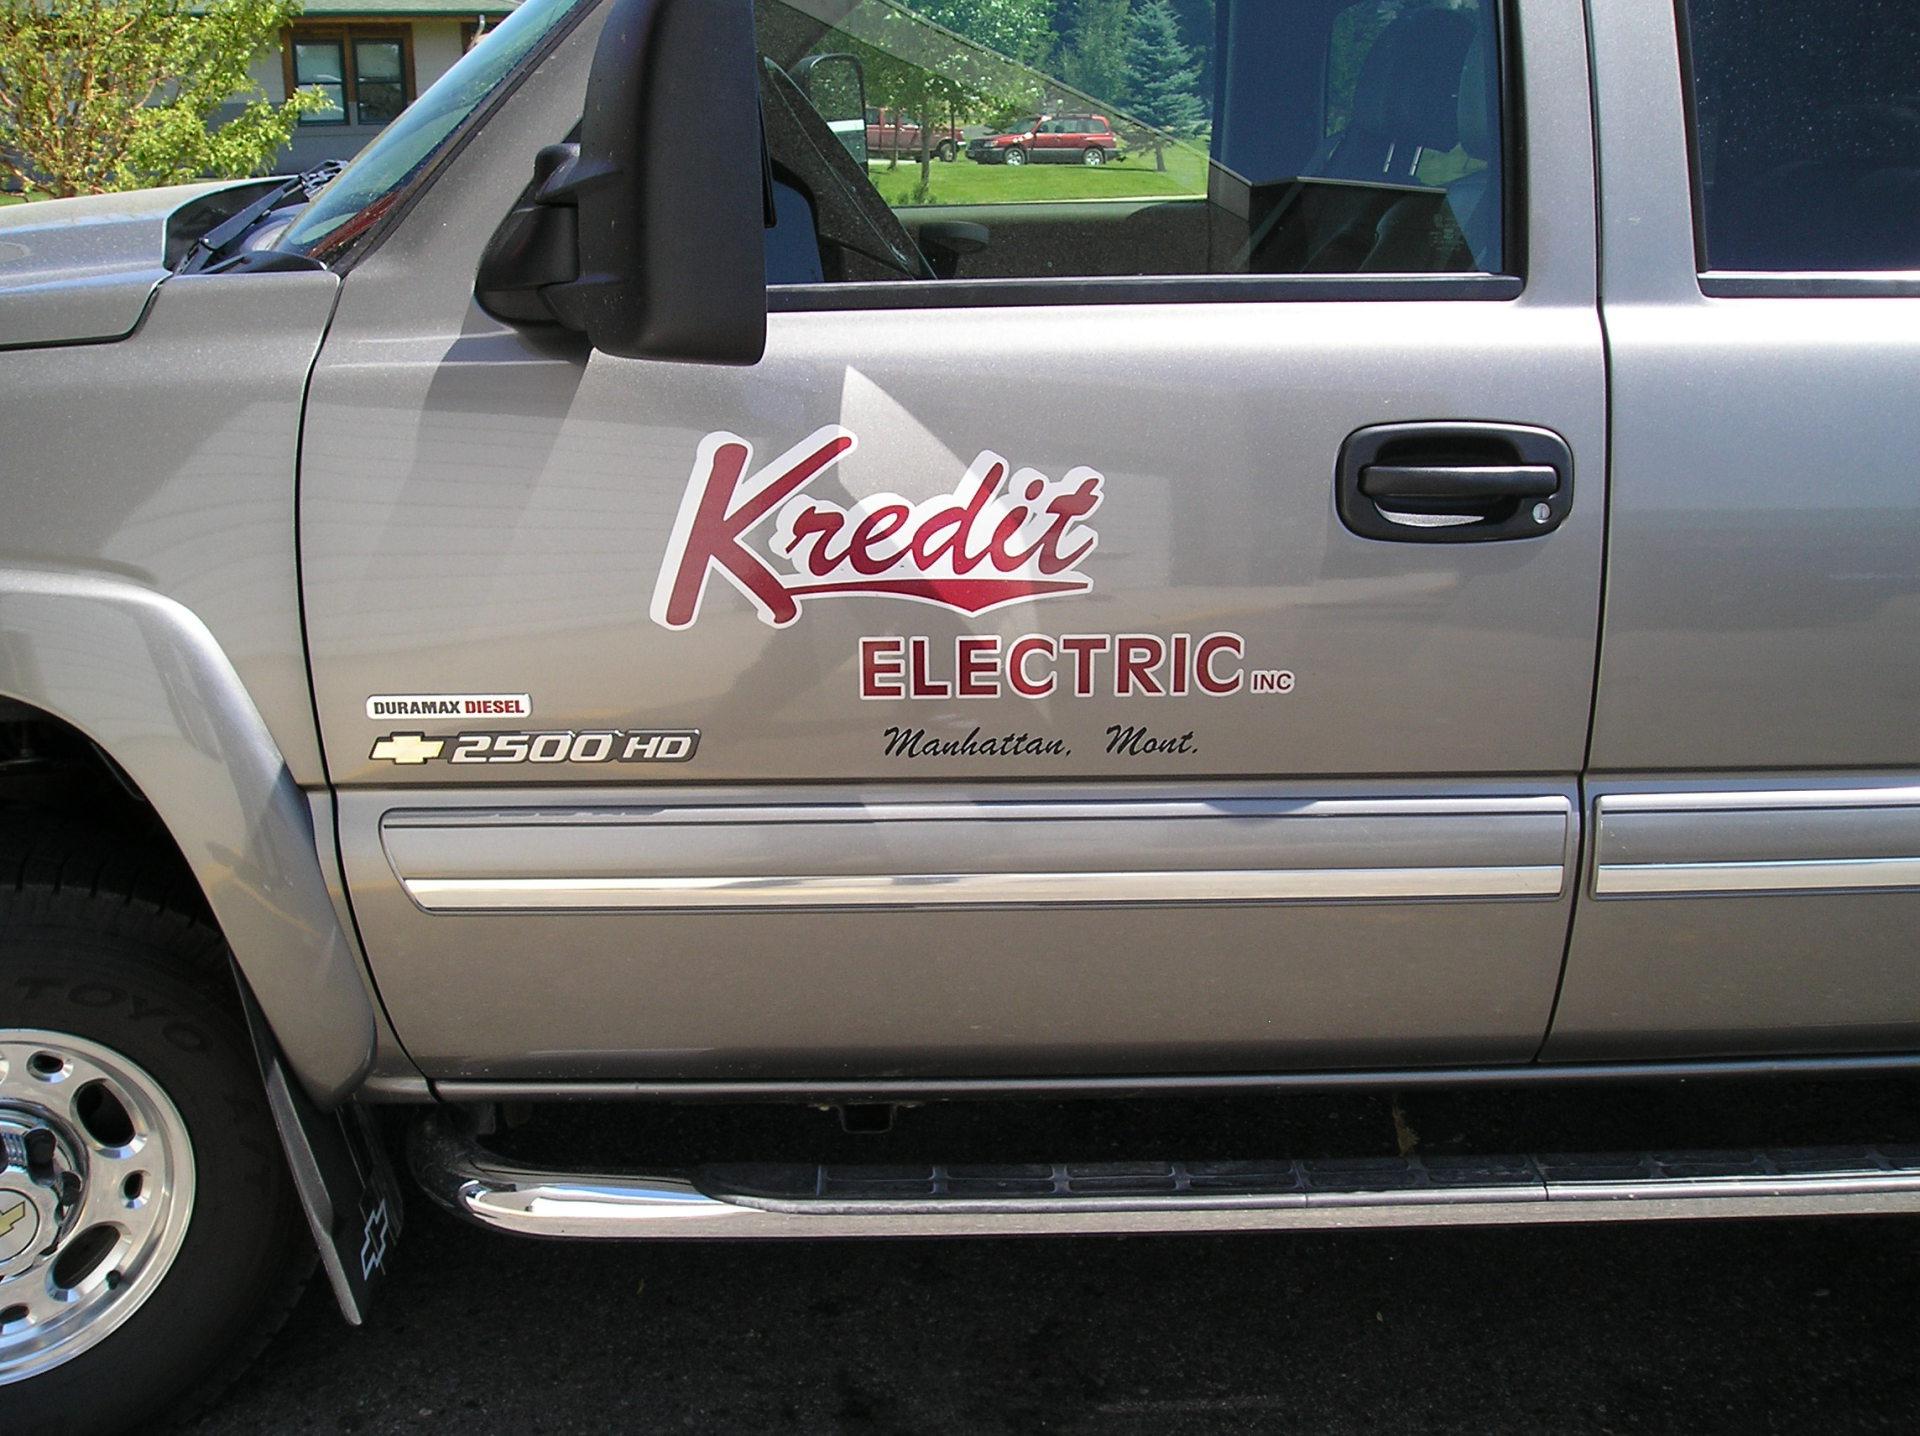 Kredit Electric